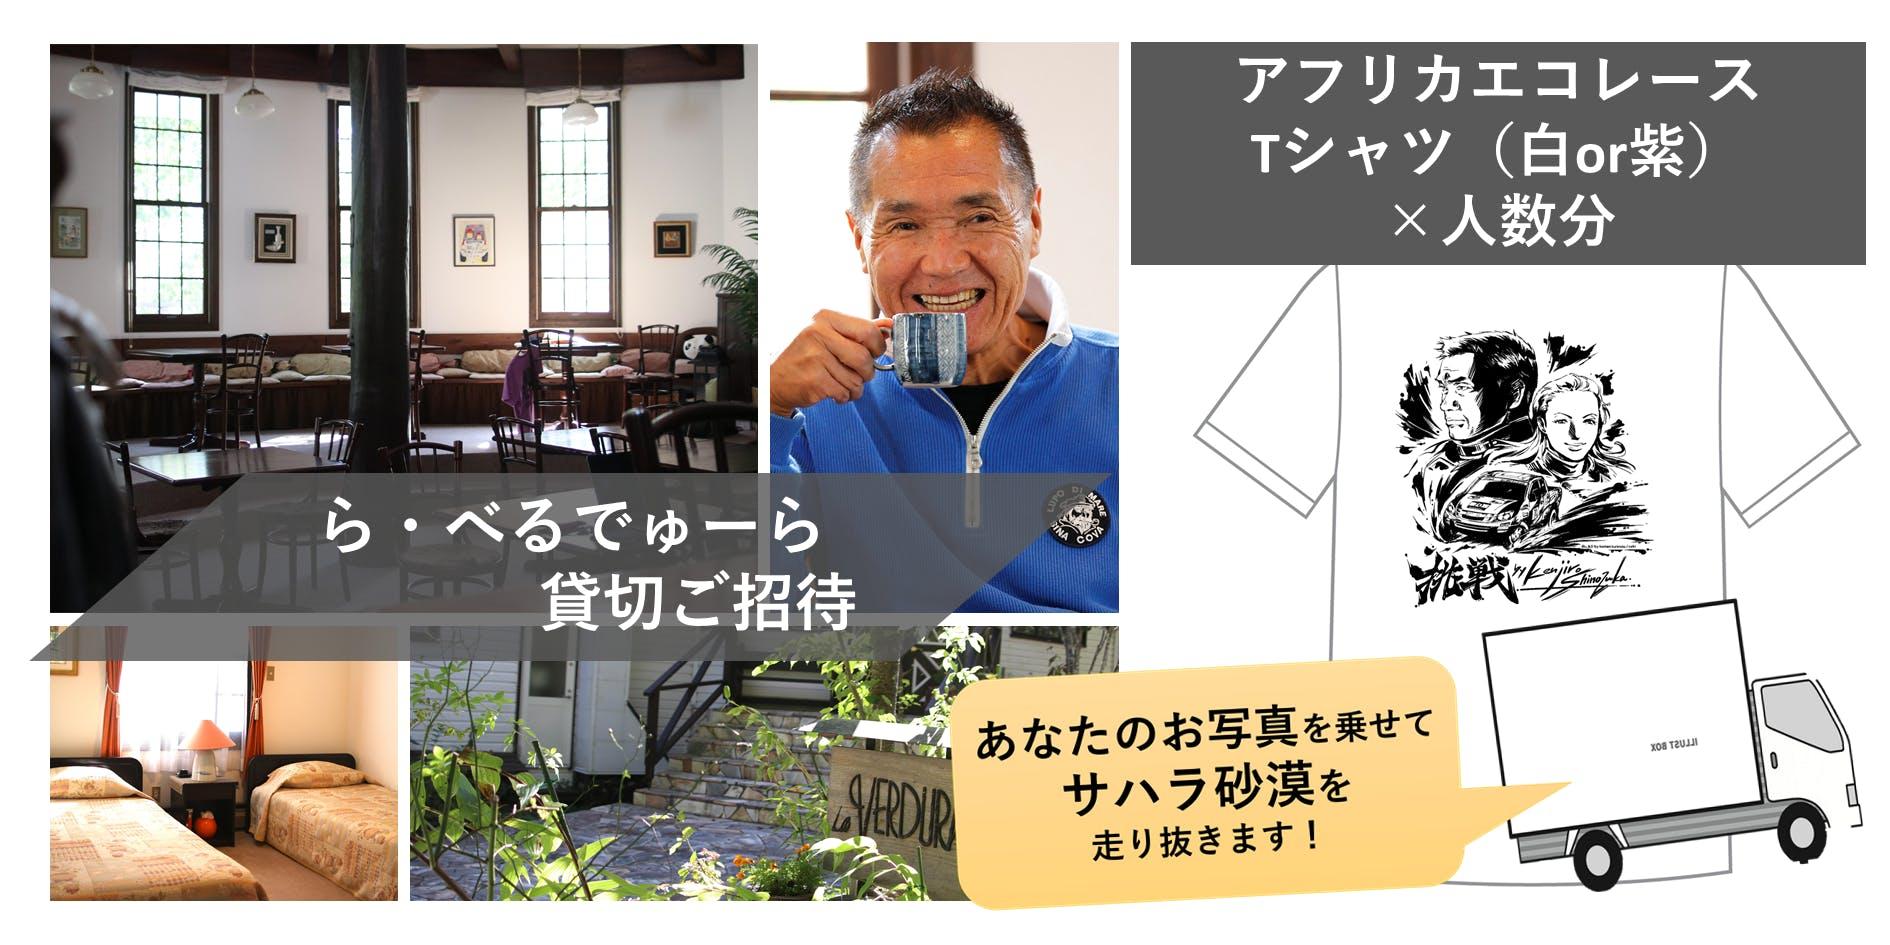 30万円ペンションご招待